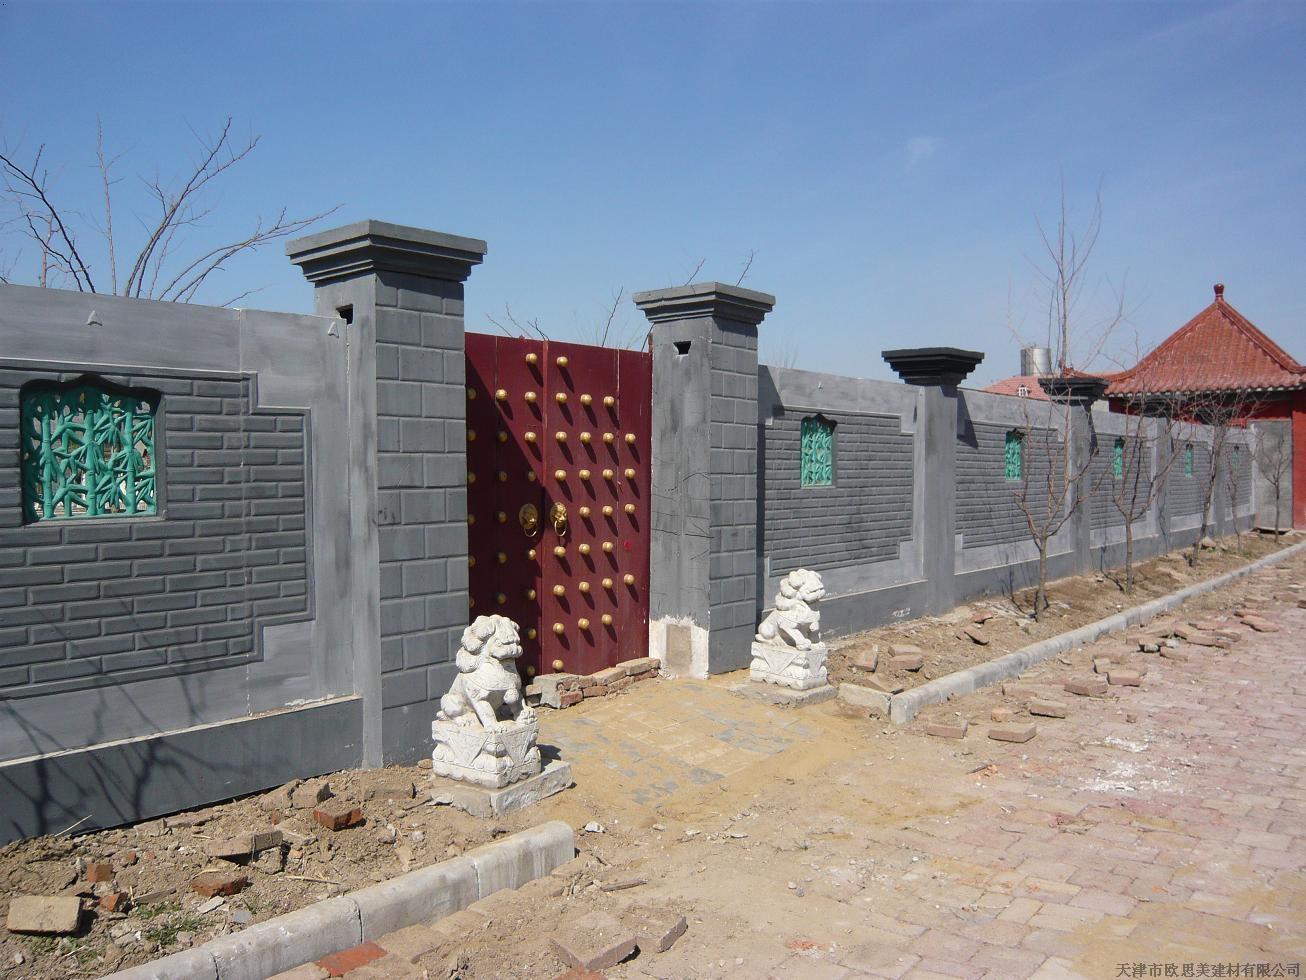 砖砌围墙图集,砖砌围墙标准图集,砖砌围墙施工图集 ...